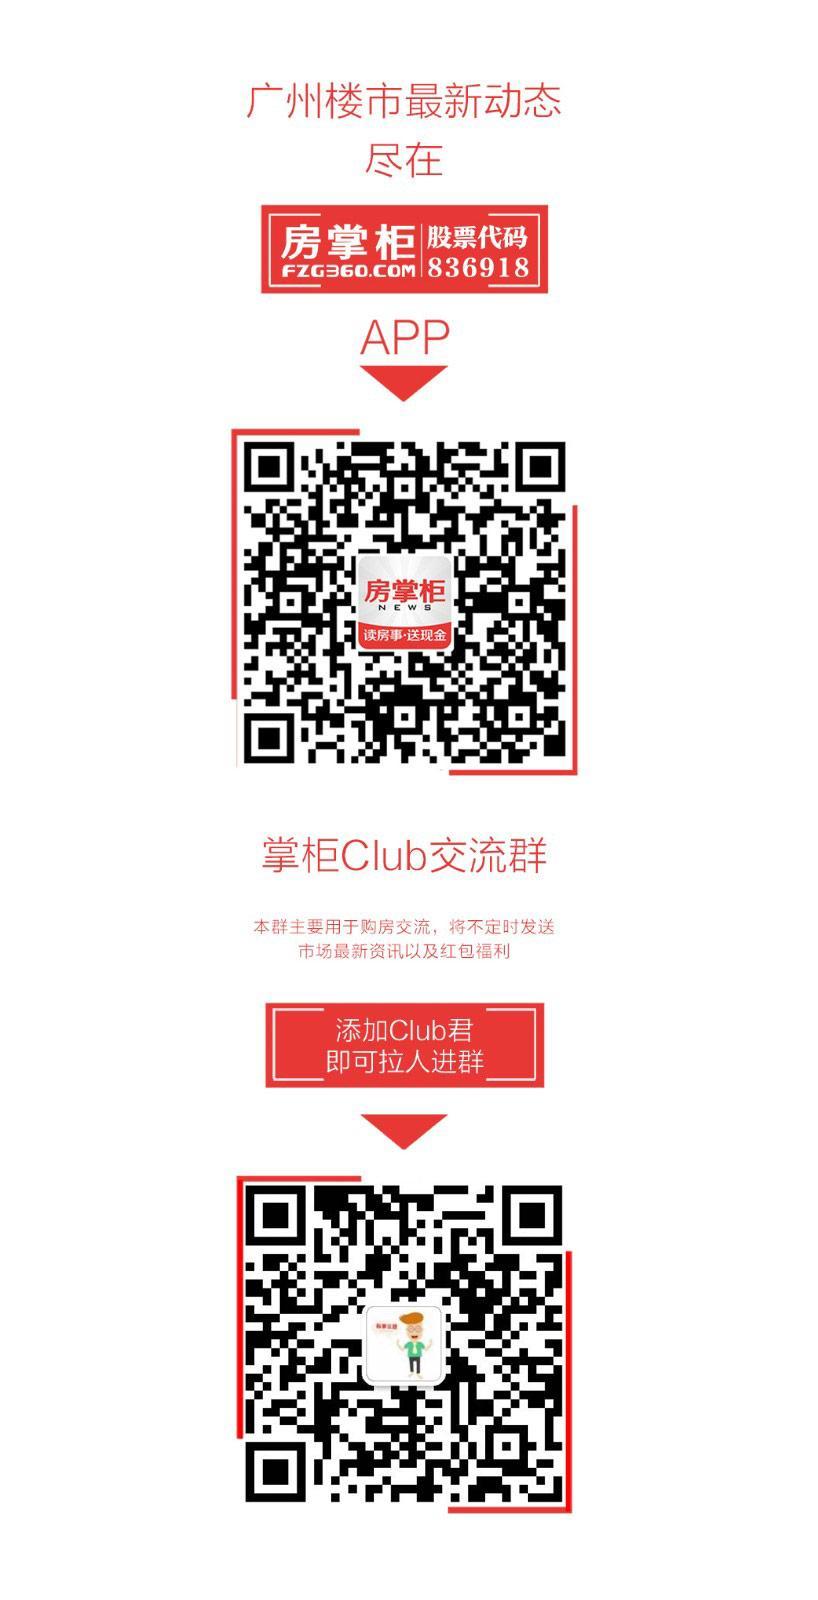 鏂板ぇ灏哄?璐?埧缇�+app浜岀淮鐮佹ā鏉�.jpg